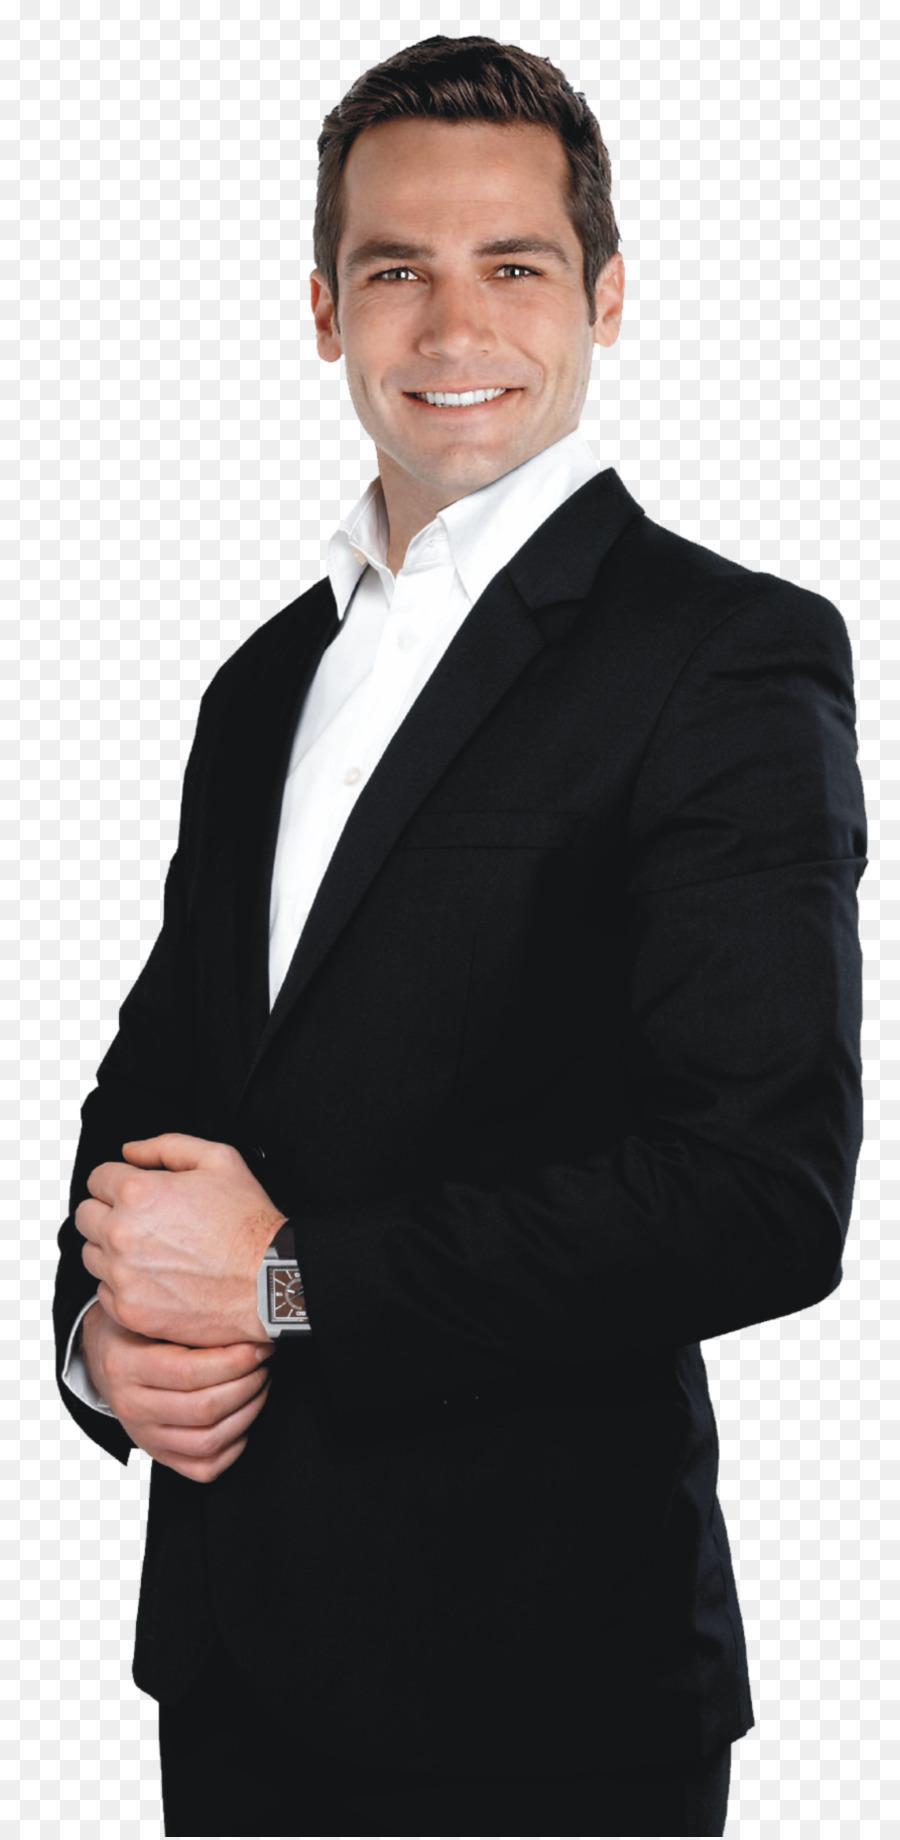 9d49fc8724 Tuxedo Cocktail dress Party dress Suit - dress png download - 907 1851 - Free  Transparent Tuxedo png Download.